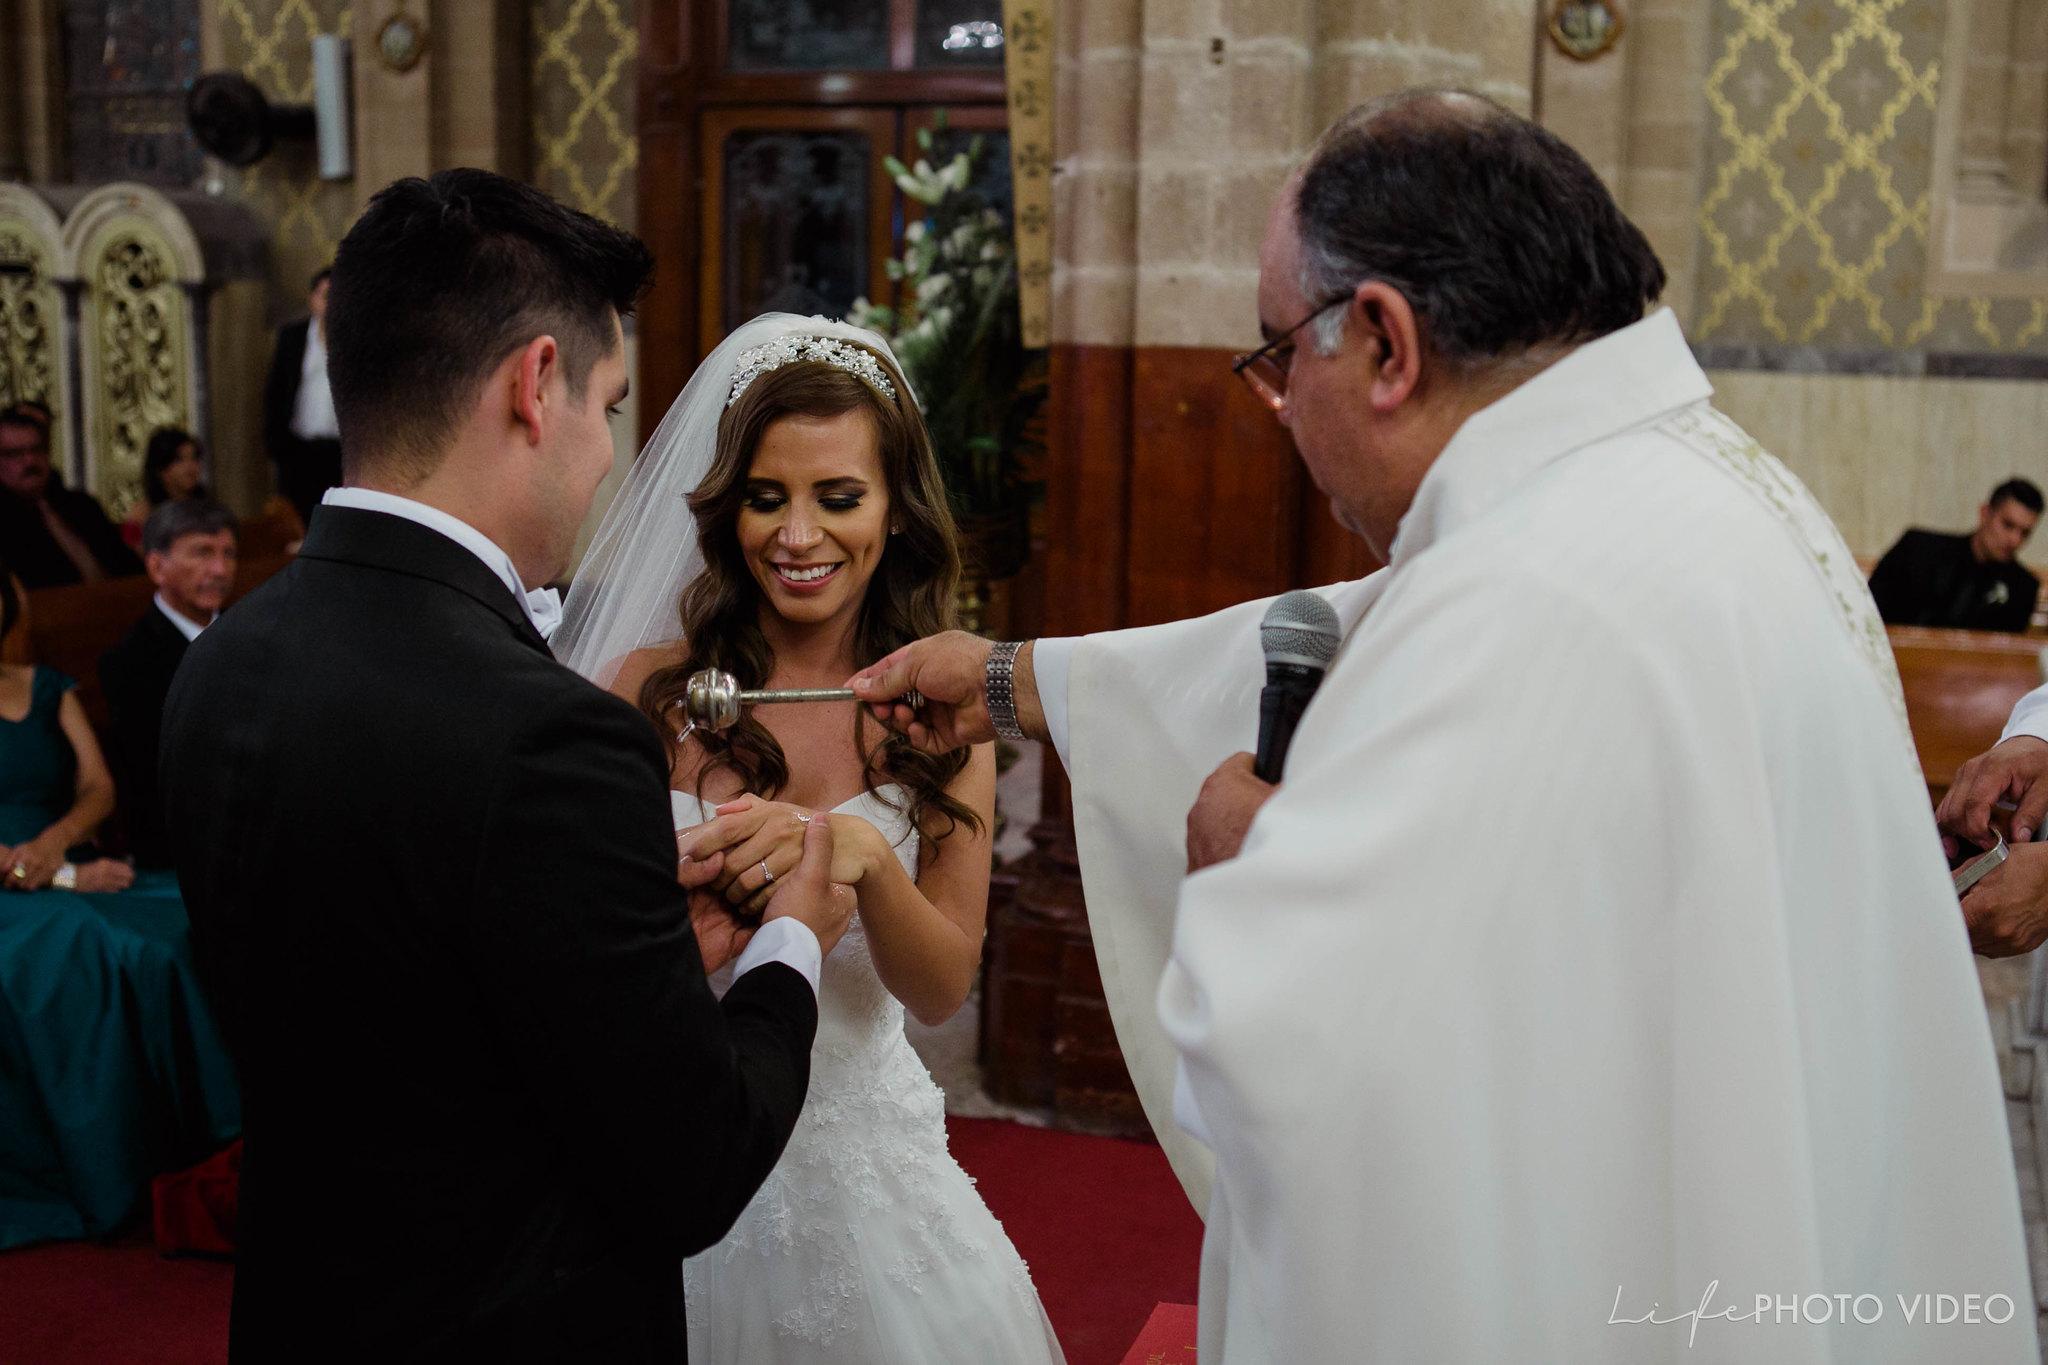 Boda_LeonGto_Wedding_LifePhotoVideo_0036.jpg